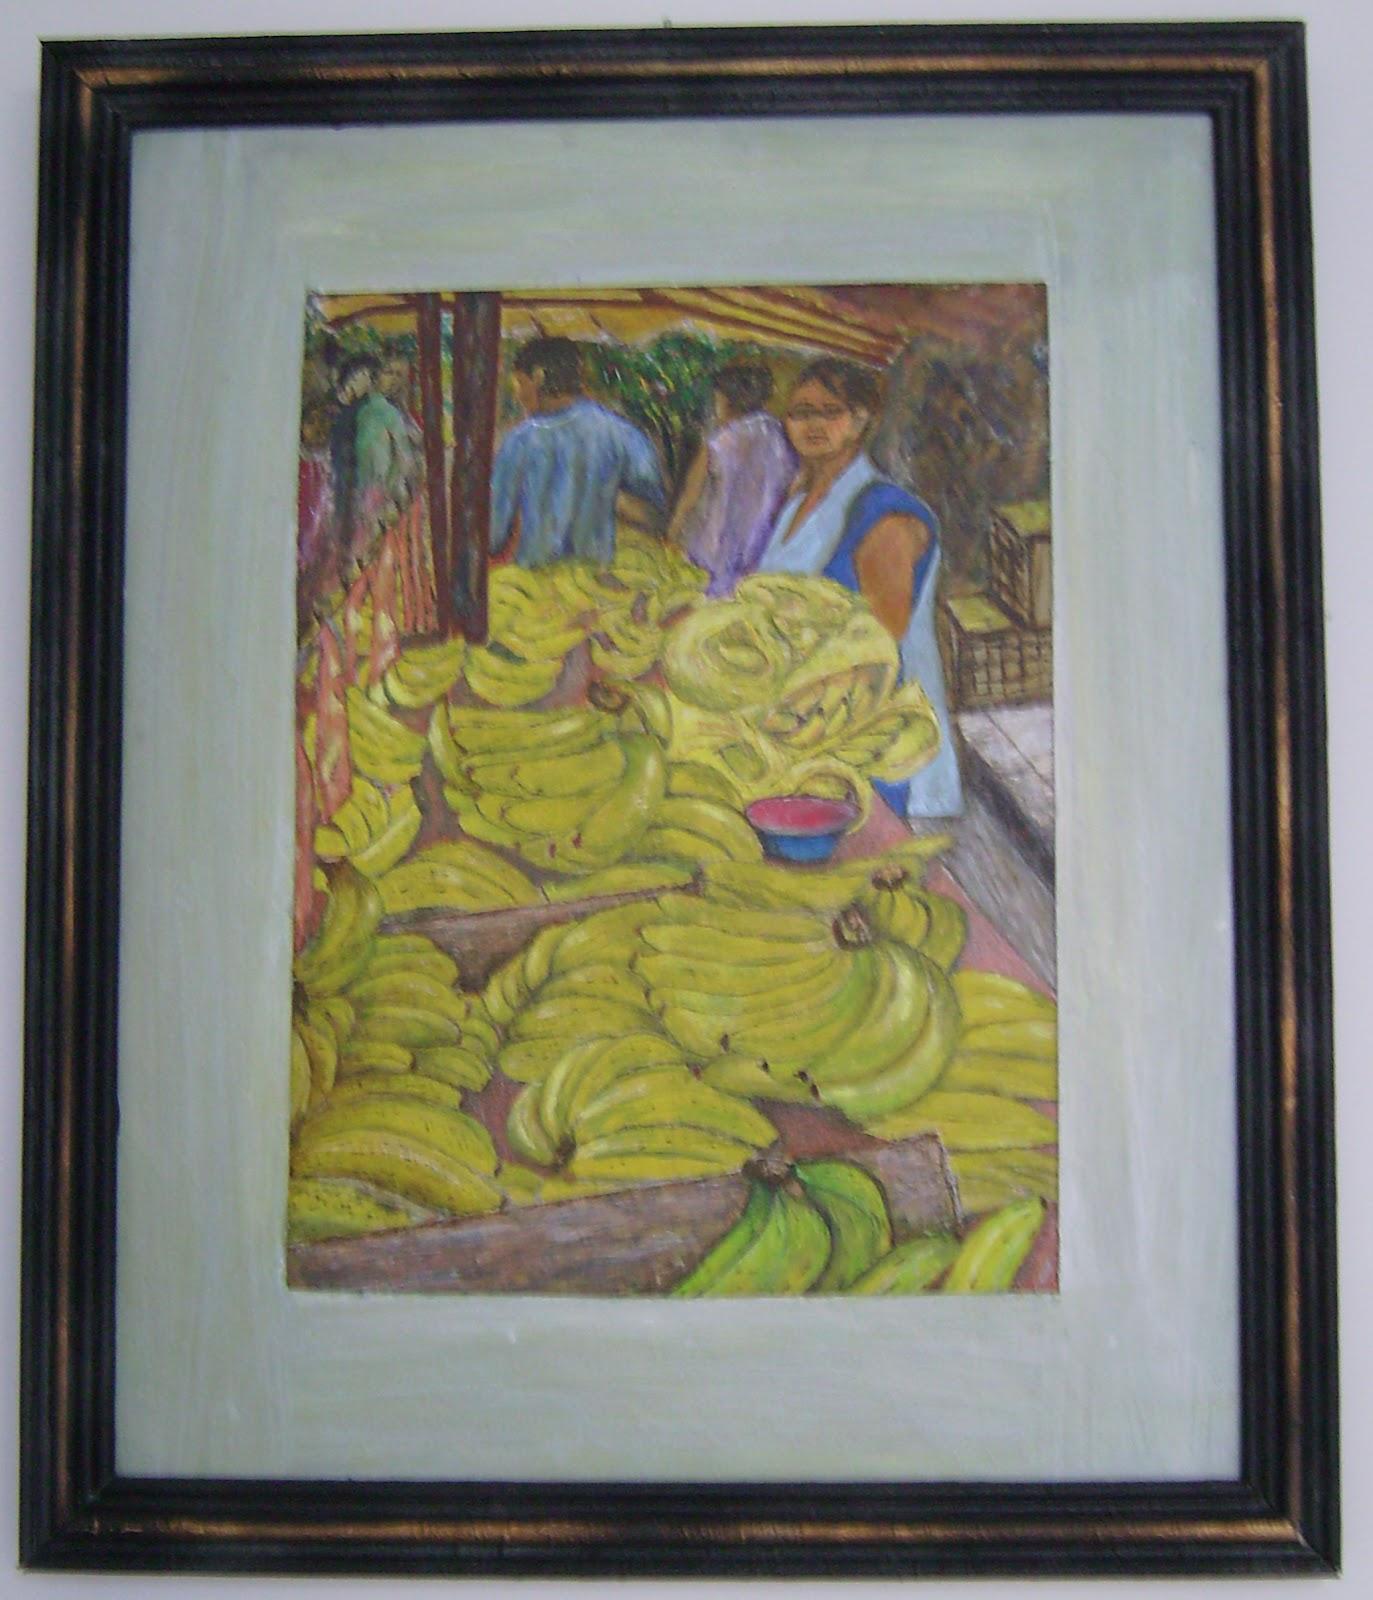 Adesivo De Parede Londres ~ Pinturas e Artesanato em jornal, argila e papel mach u00ea Feira do Jardim D'Adril Osasco